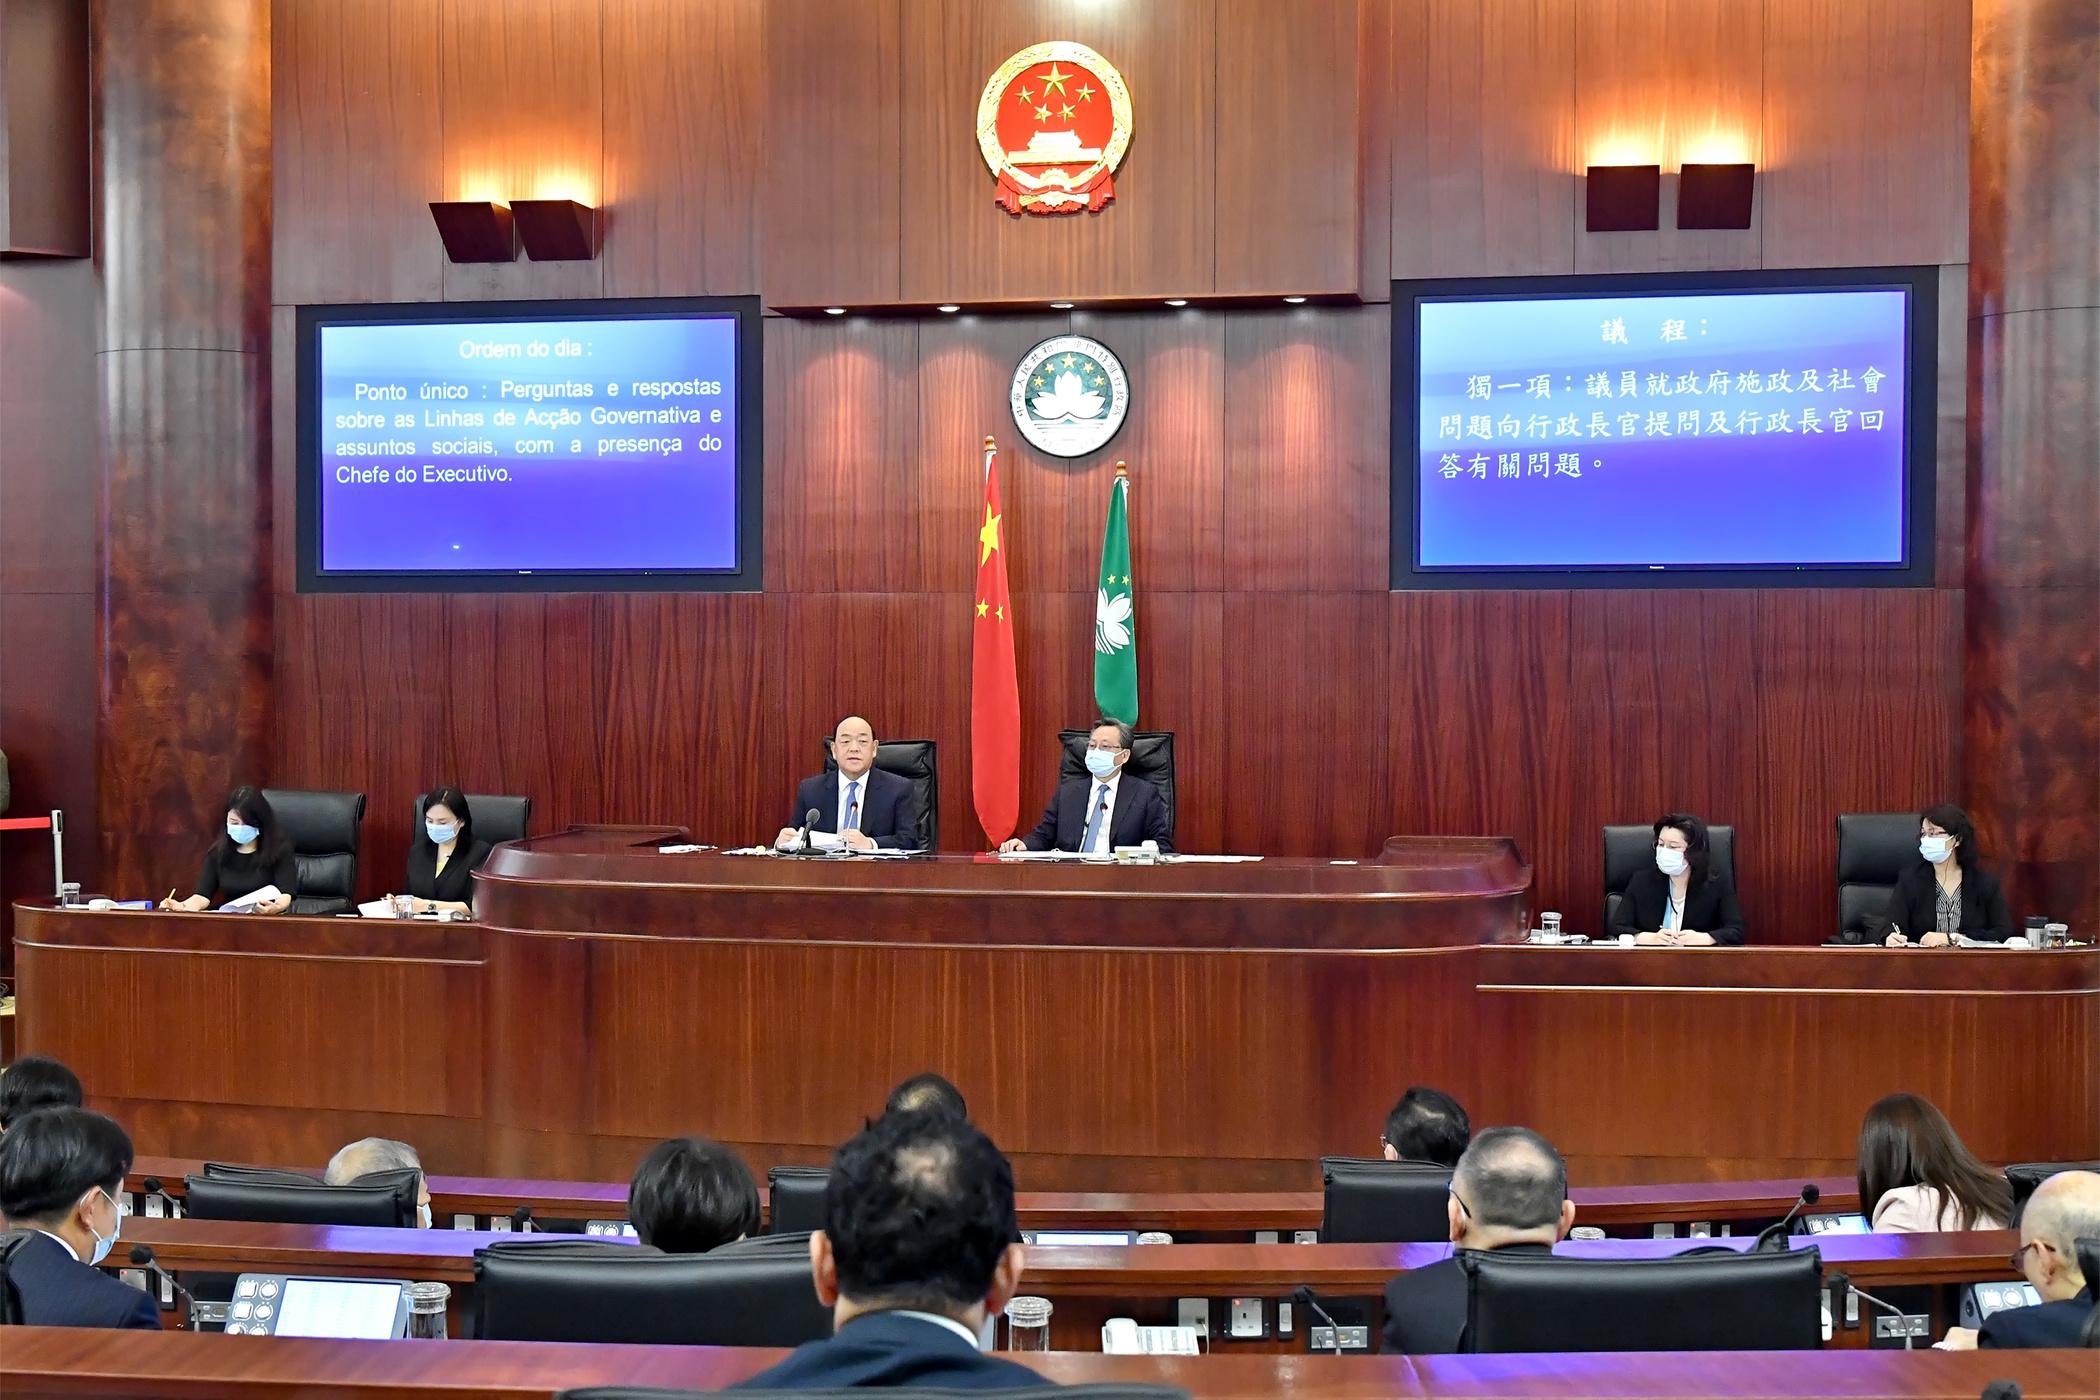 Legislative Assembly Ho Iat Seng